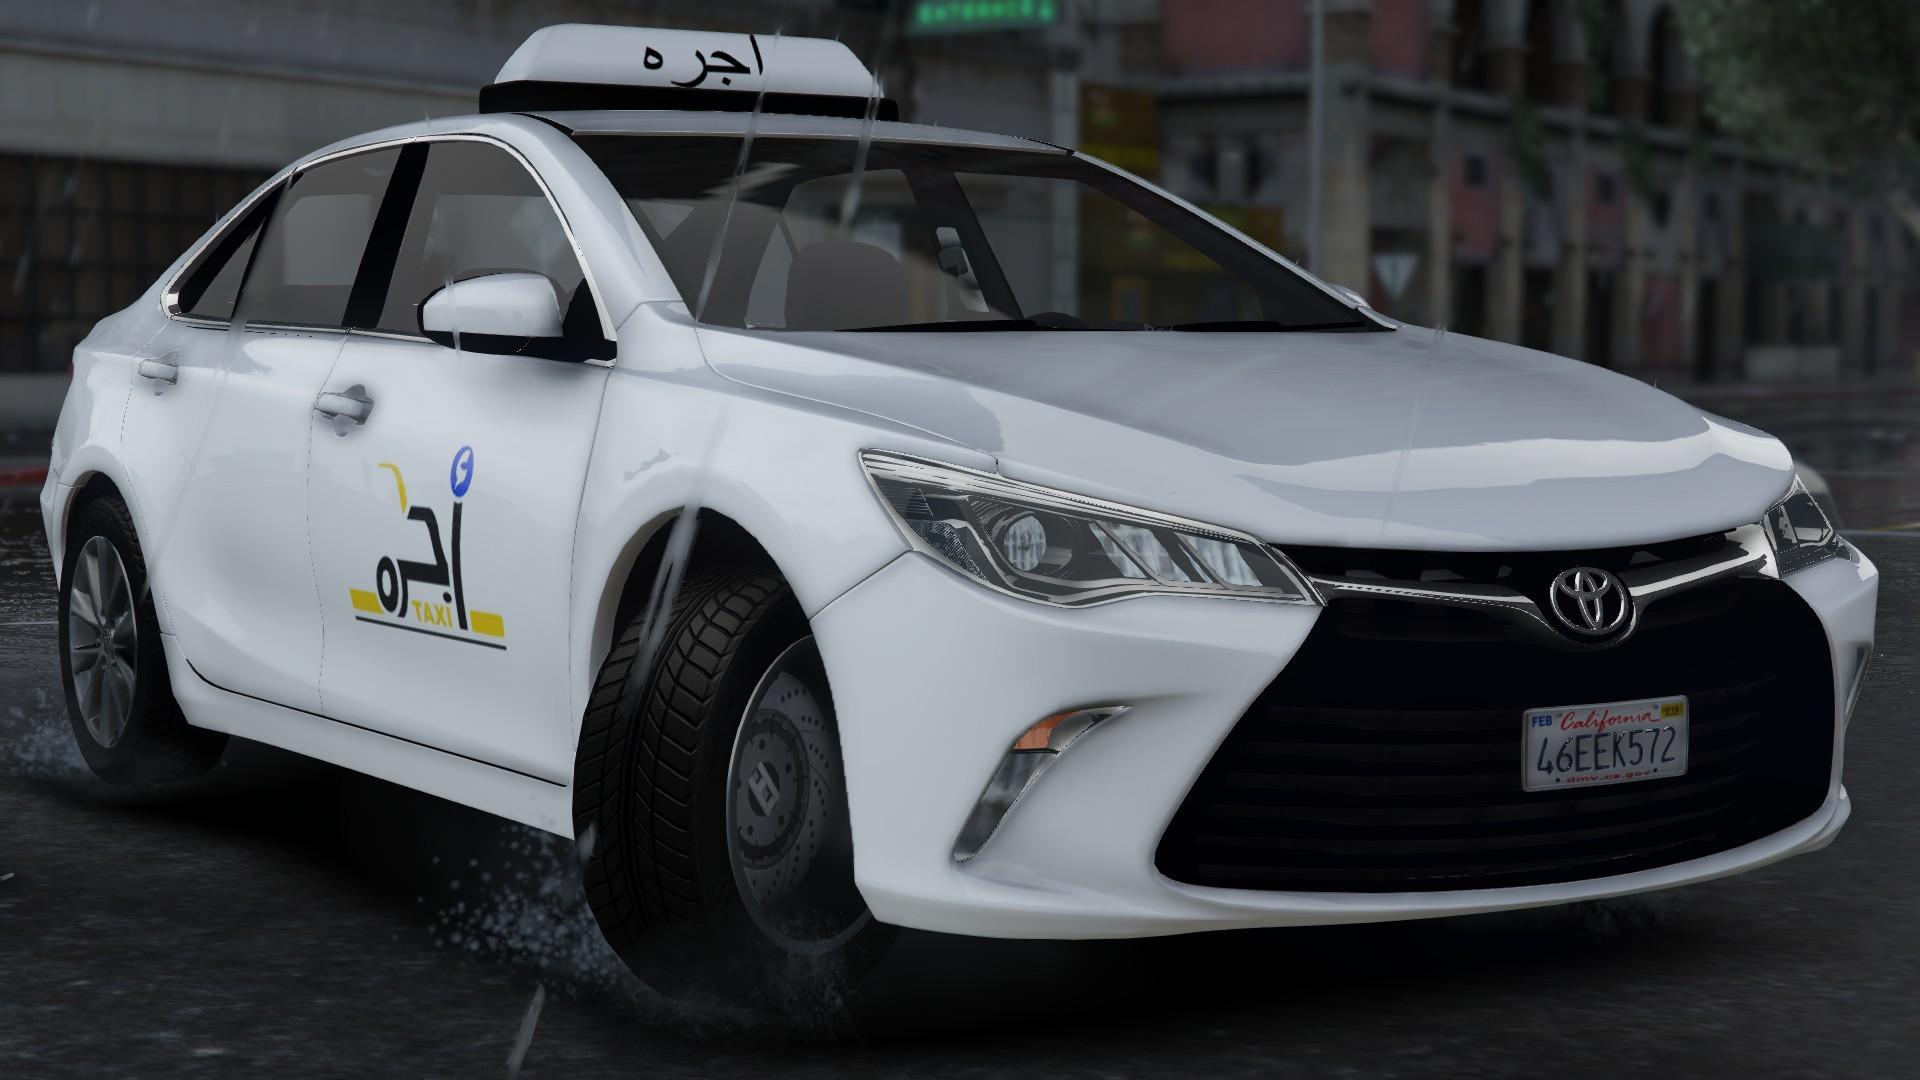 2017 Camry Xse >> Saudi Taxi Toyota Camry 2017 - GTA5-Mods.com